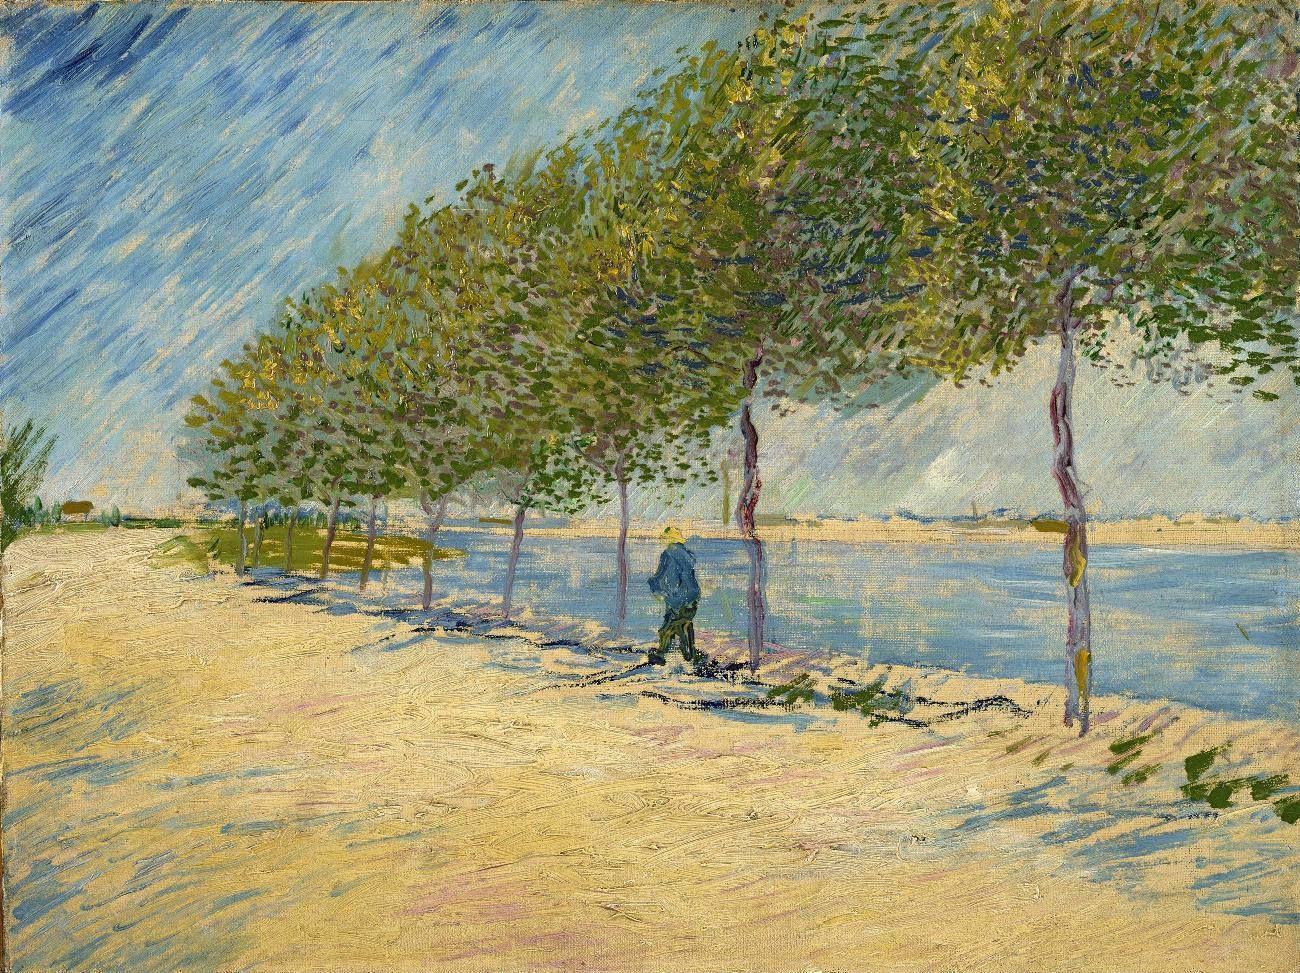 Van Gogh Tutt 27art 40 28159 29 Jpg 1 300 973 Pixels Festmenyek Festo Muveszet